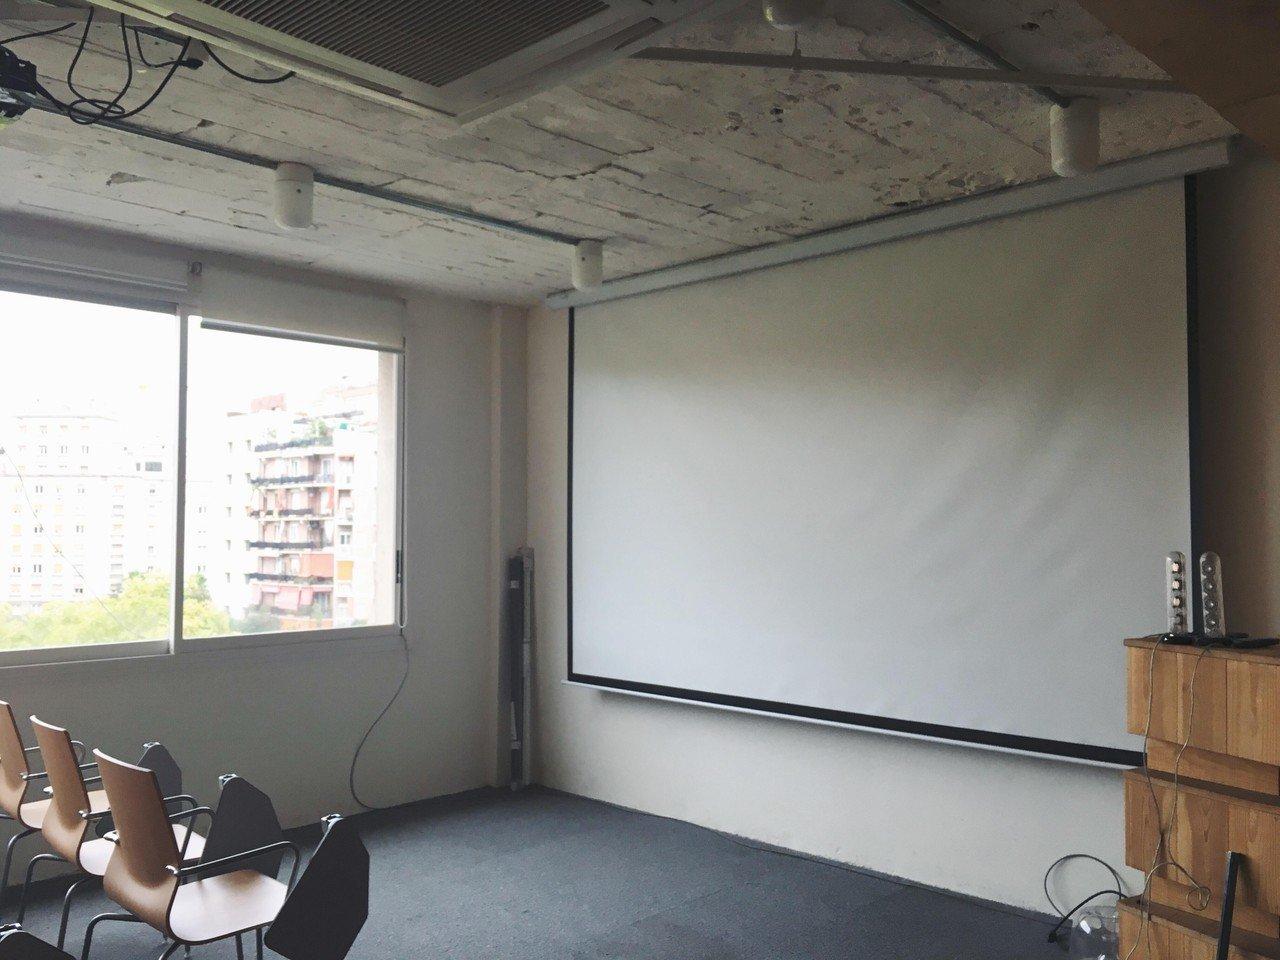 Barcelona  Meetingraum Workshop room - Cloud Coworking image 1